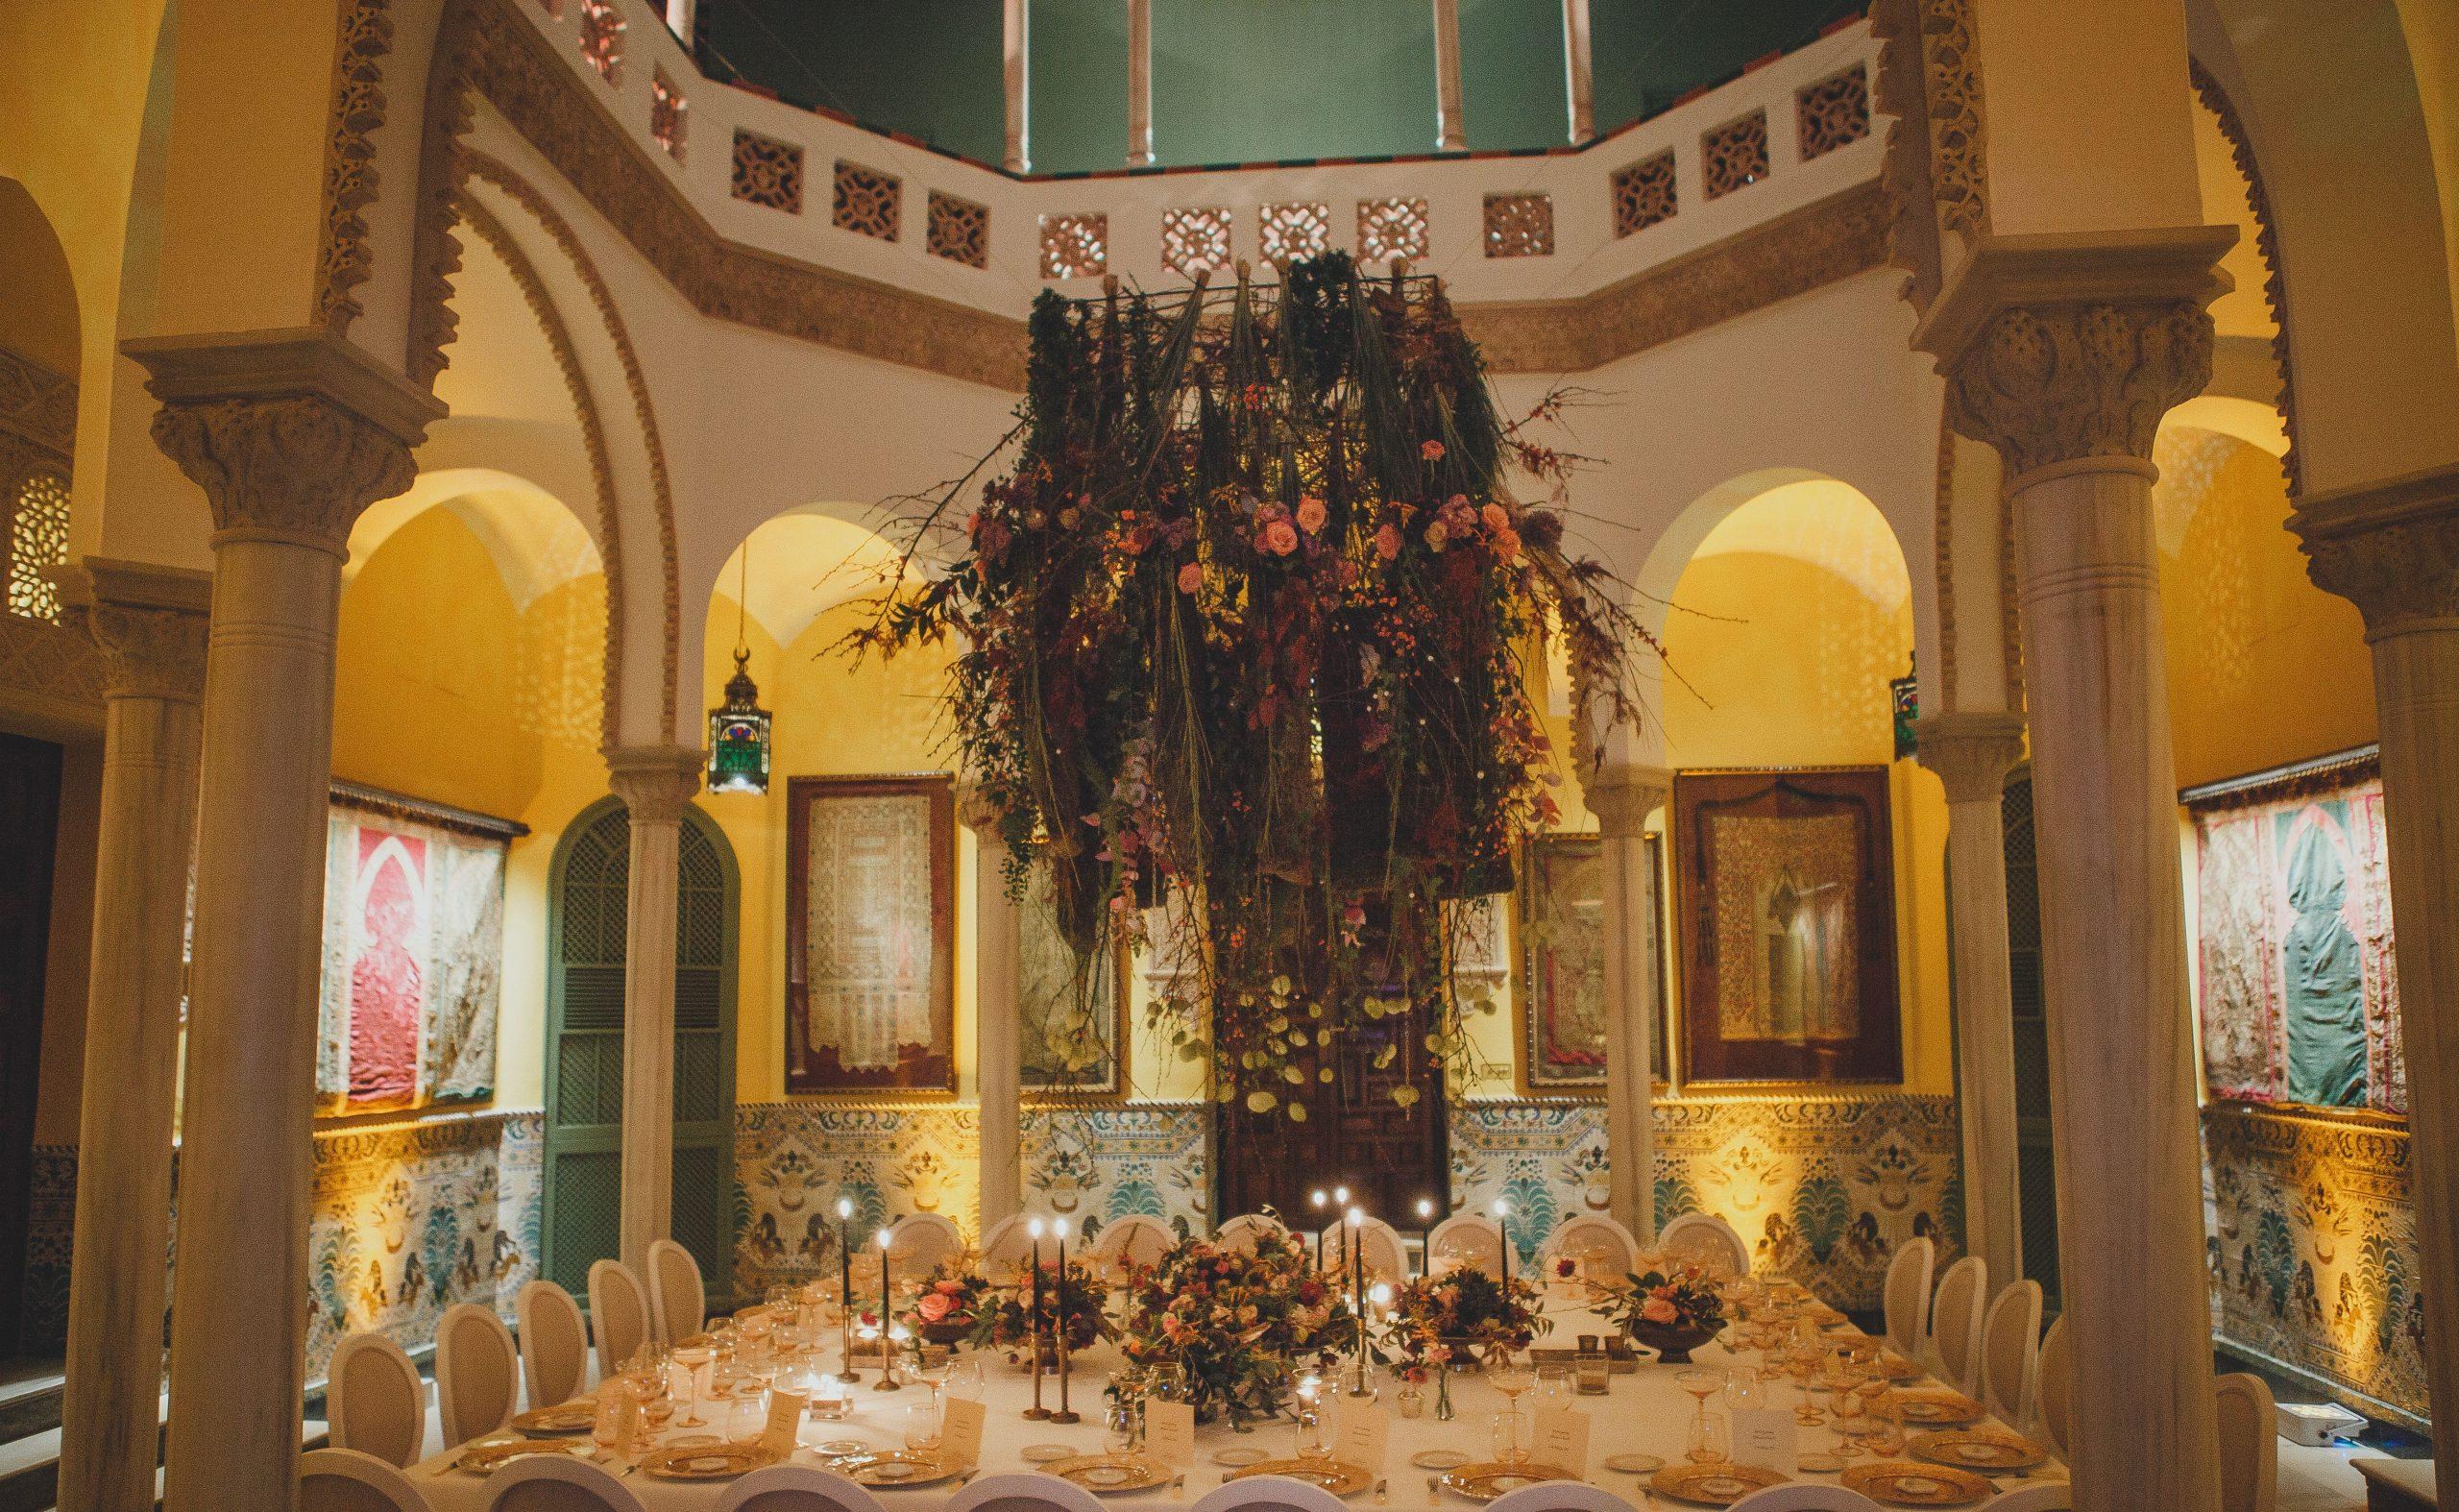 decoración floral colgante eventos dani garcia Sevilla